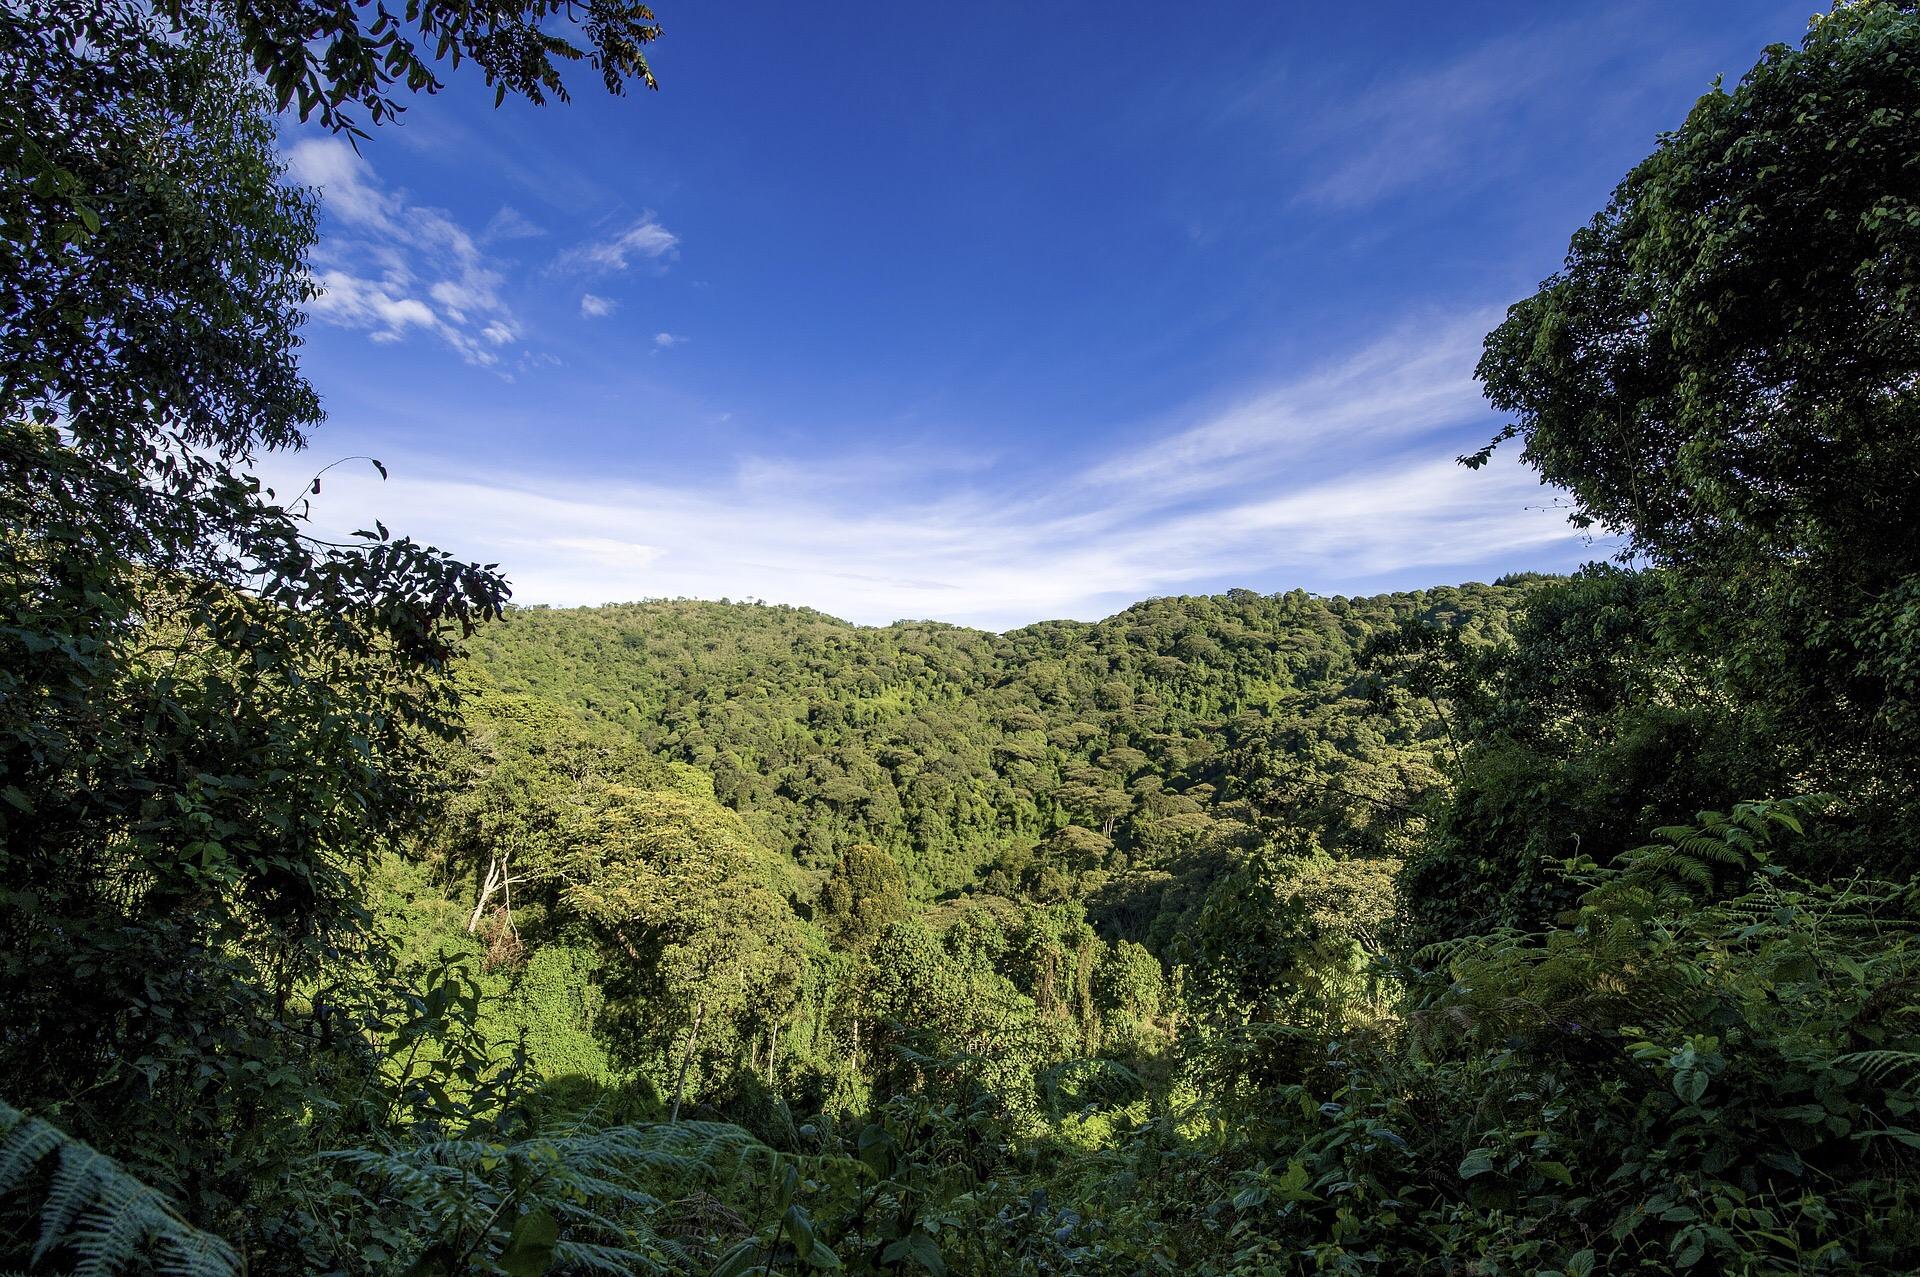 global deforestation decreased 50% since 1990